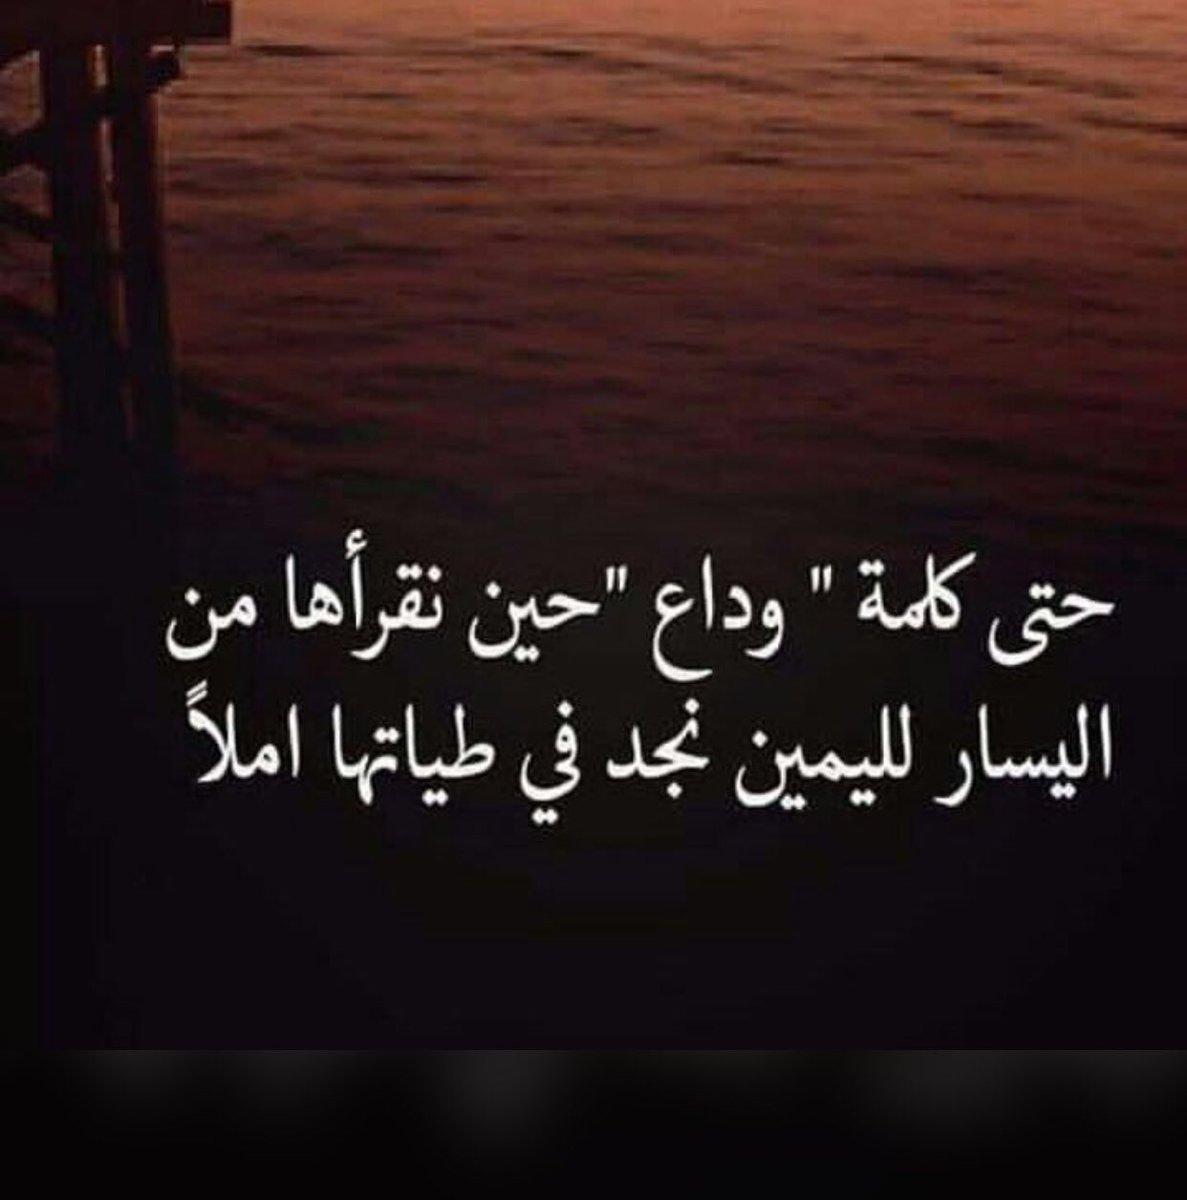 صورة صور كلام عتاب , العتاب علي الصور